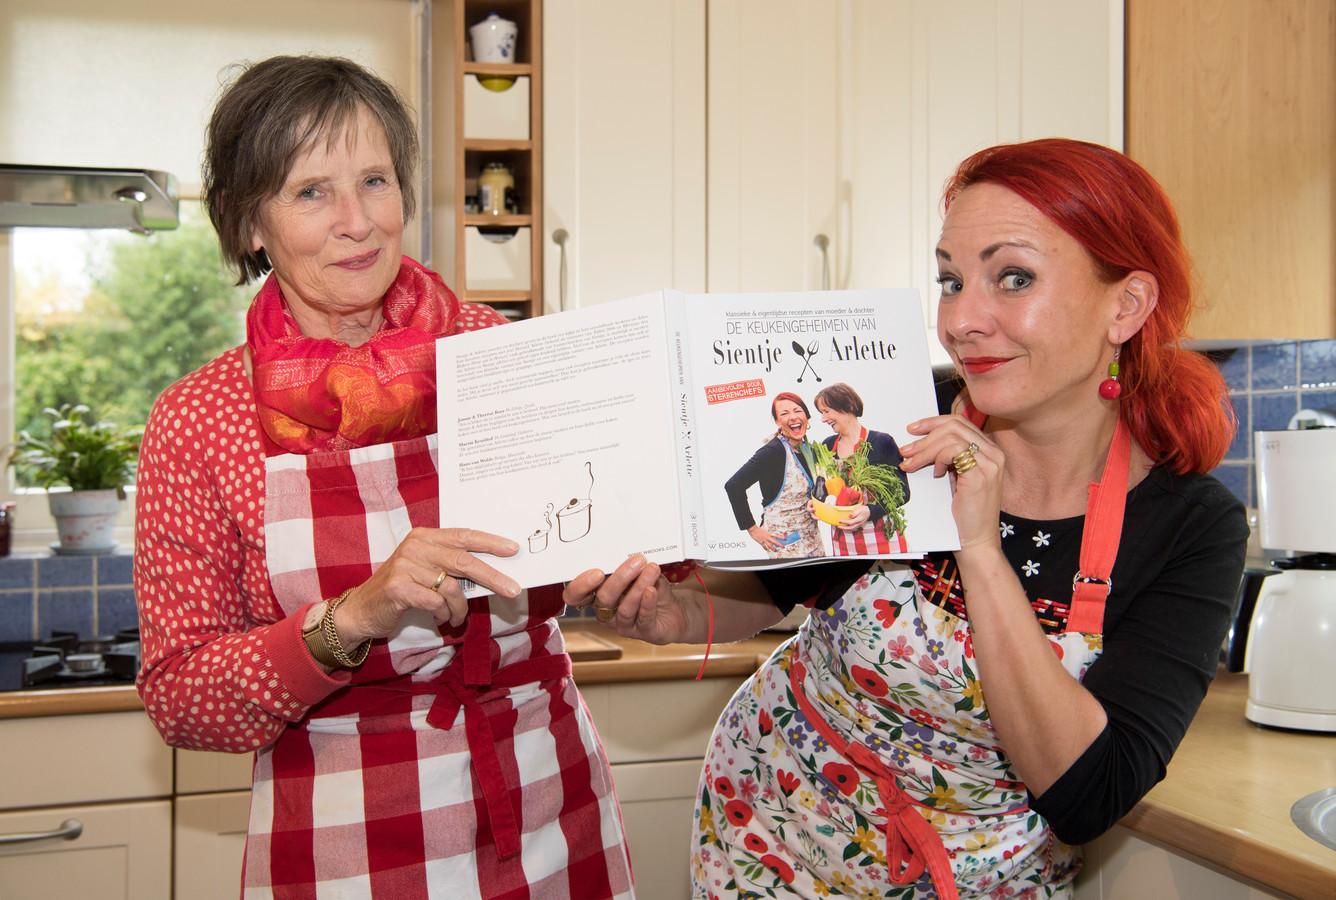 Sientje Swartjes-Lenferink presenteerde in 2017 samen met dochter Arlette een kookboek met veel streekgerechten en andere keukengeheimen.